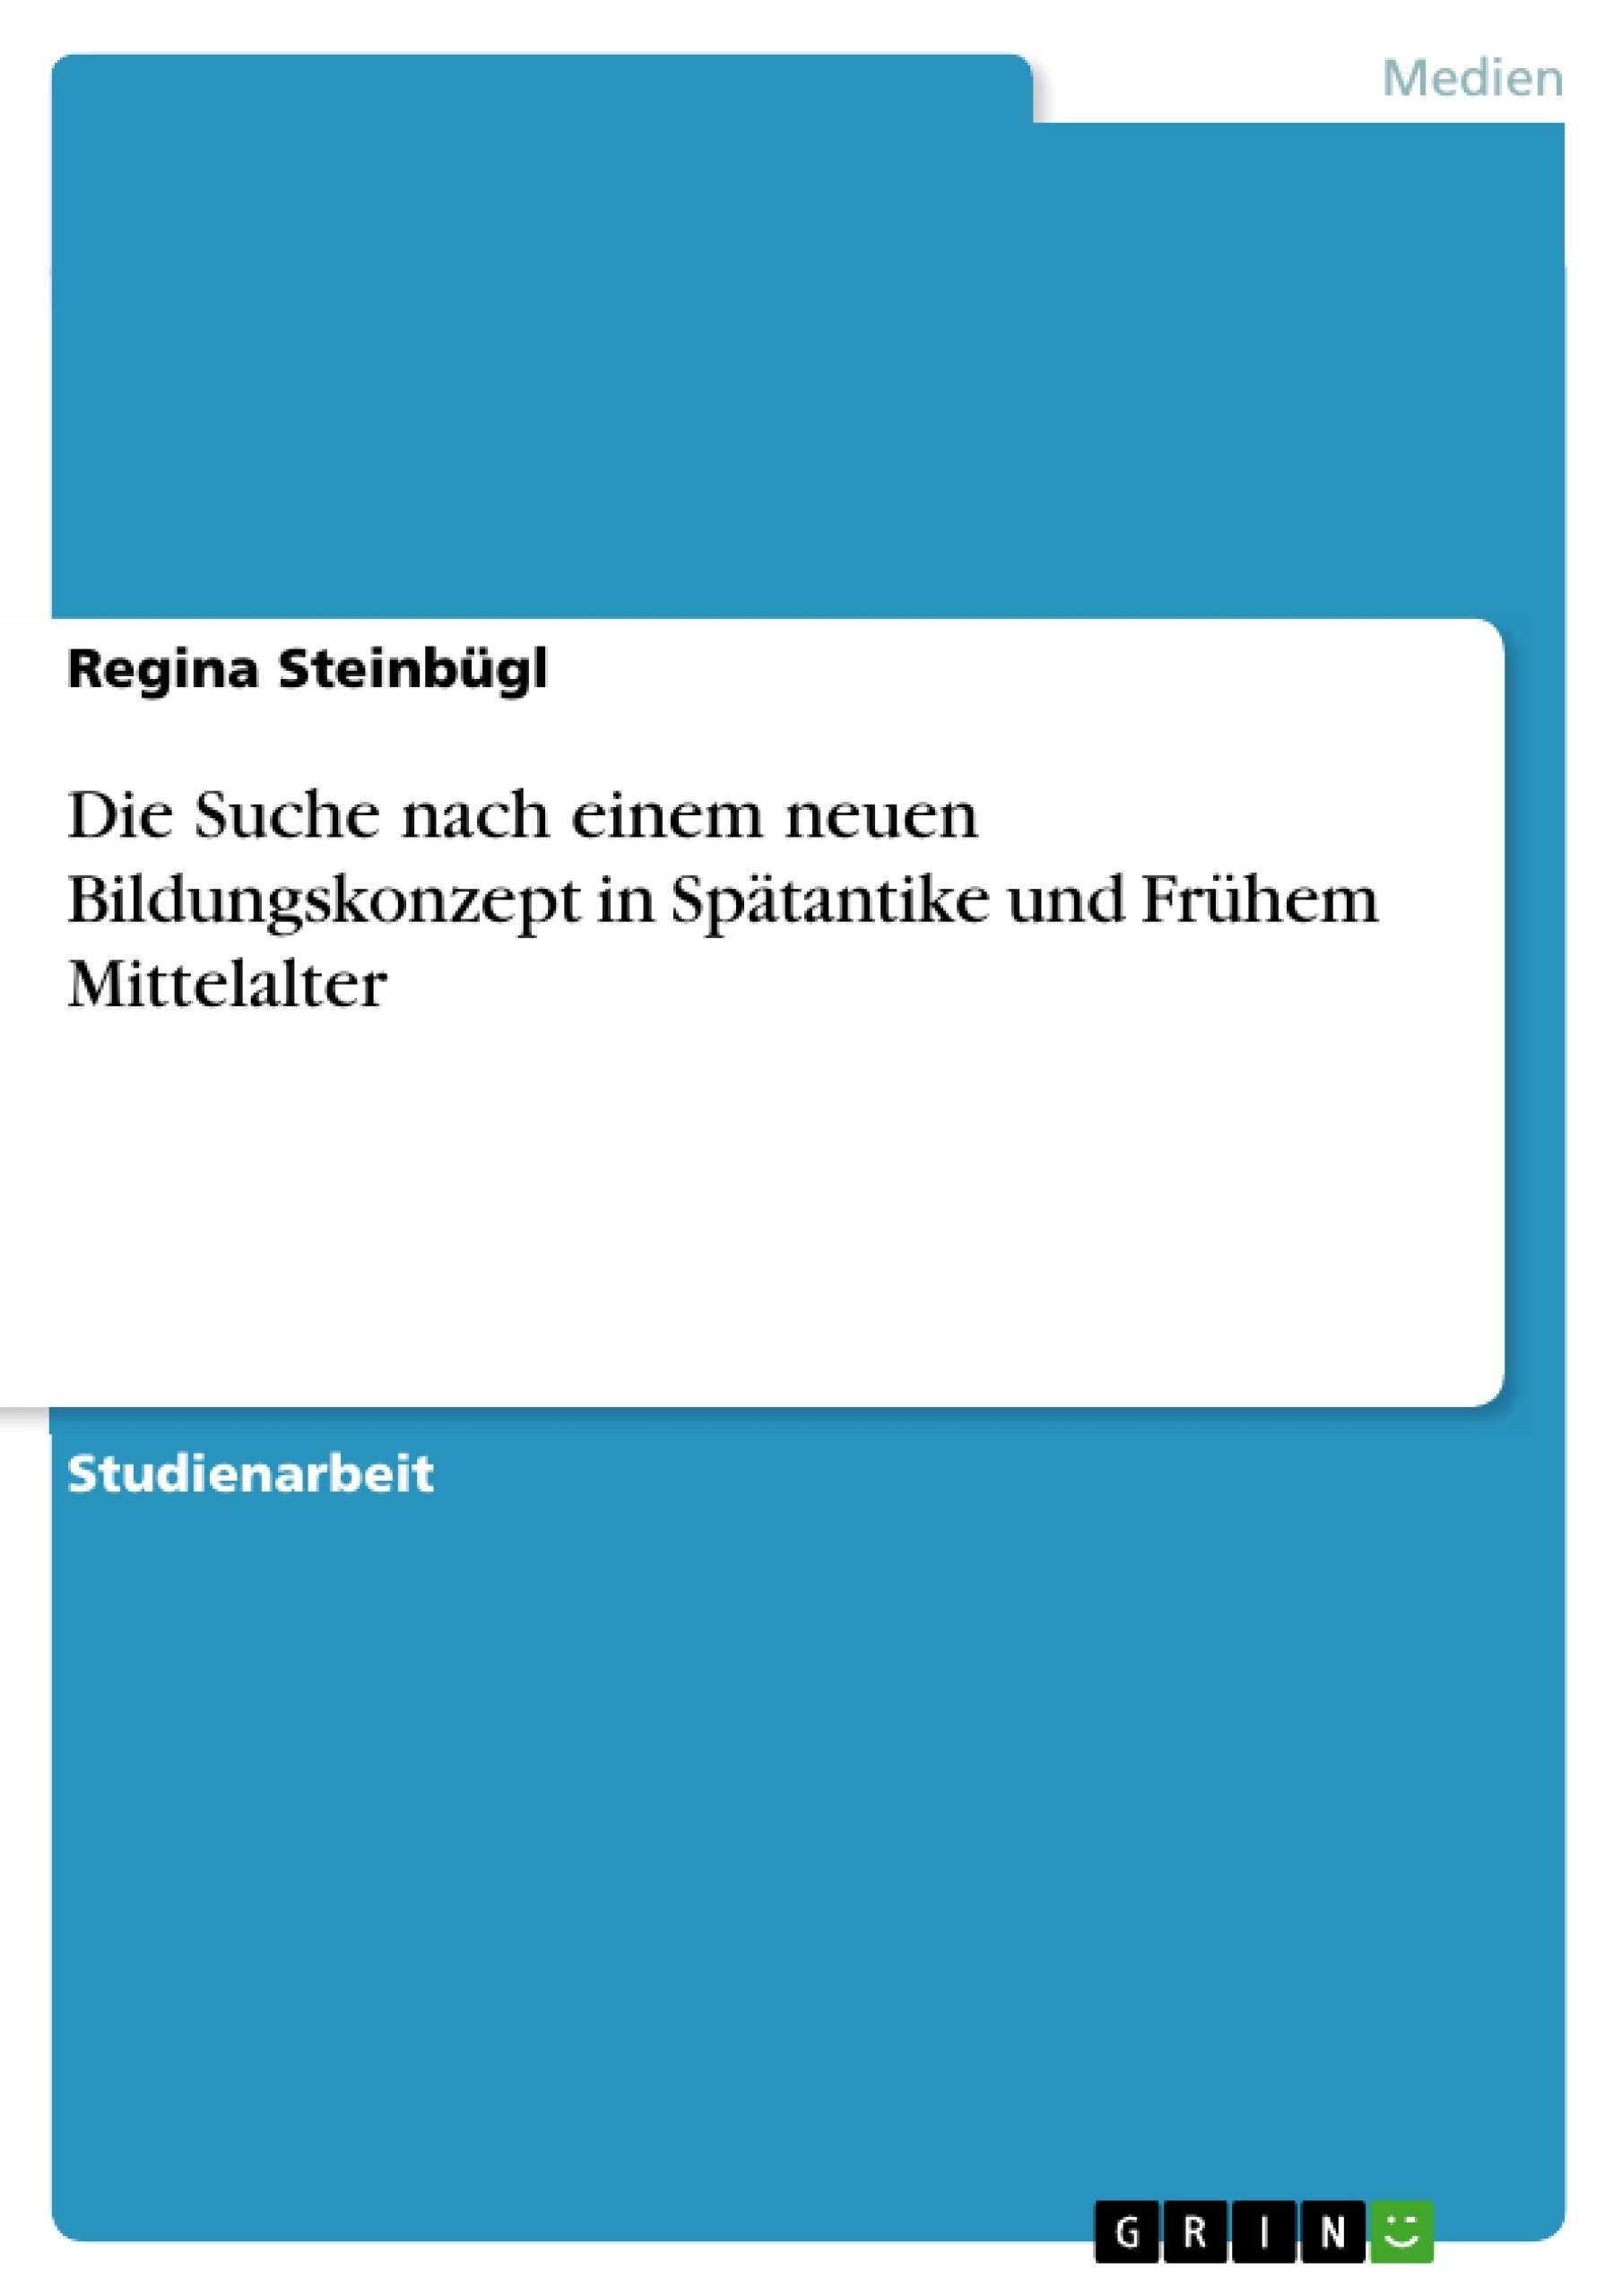 Titel: Die Suche nach einem  neuen Bildungskonzept  in Spätantike und Frühem Mittelalter